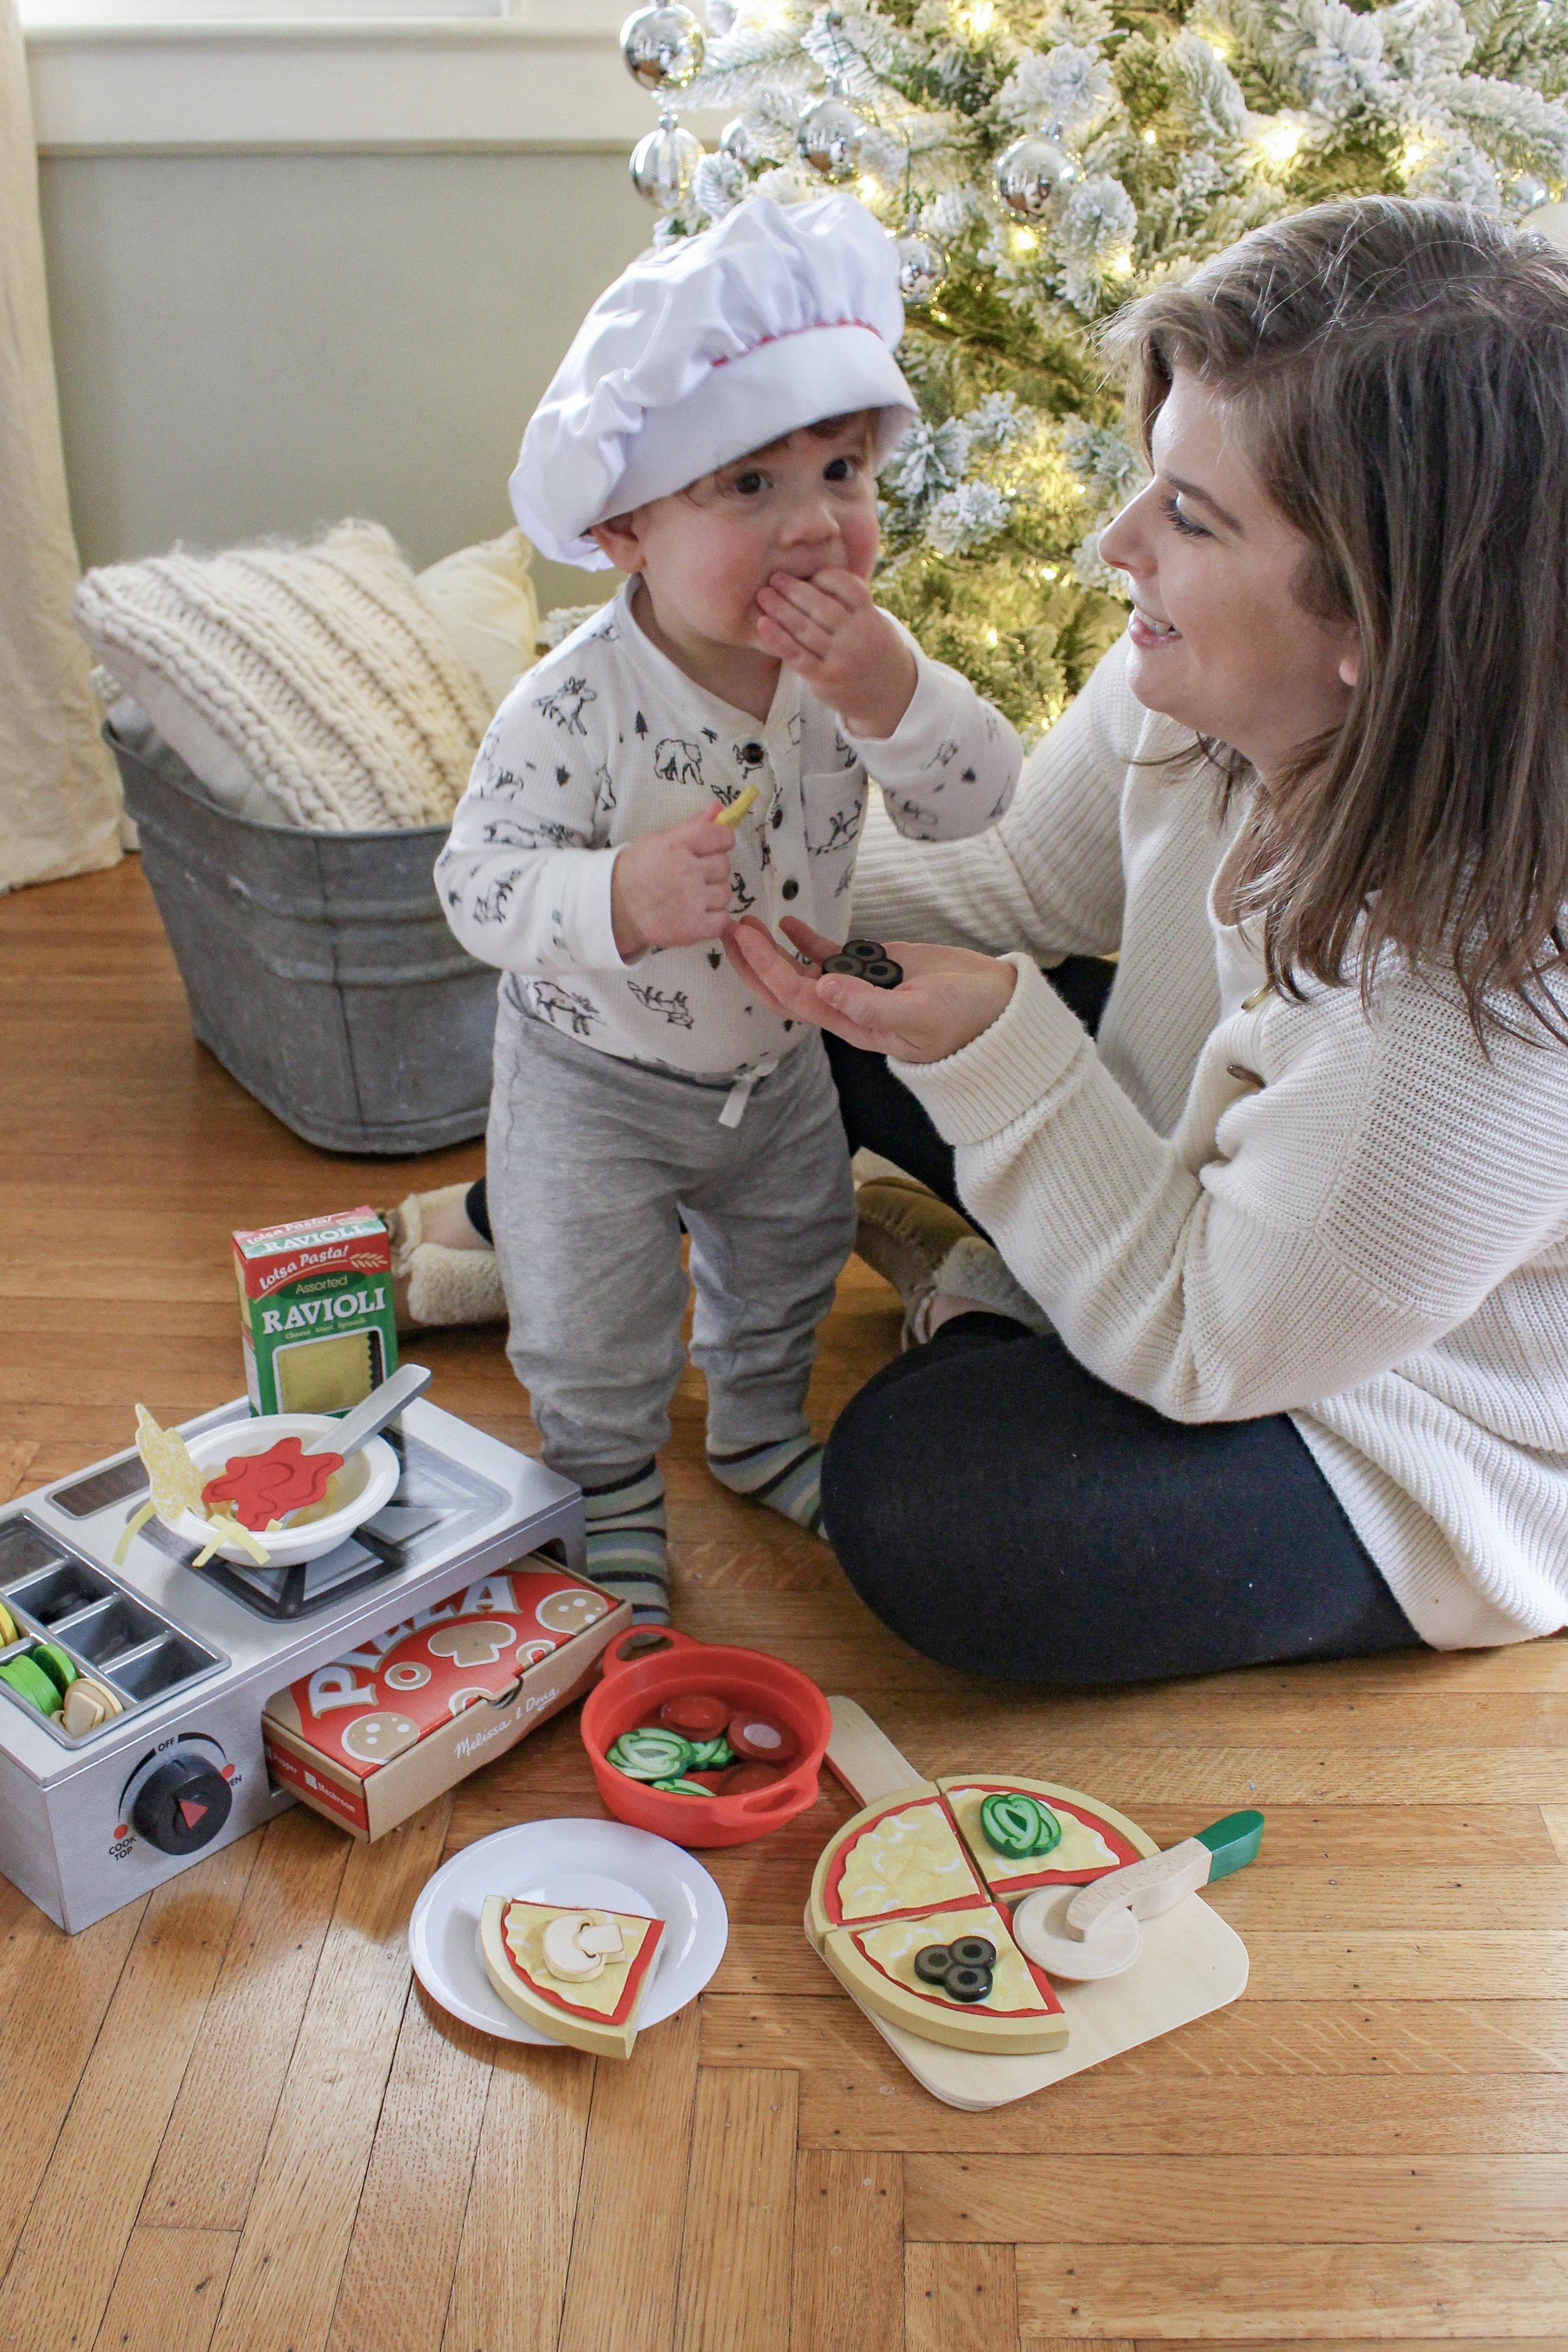 Melissa and Doug Christmas toys